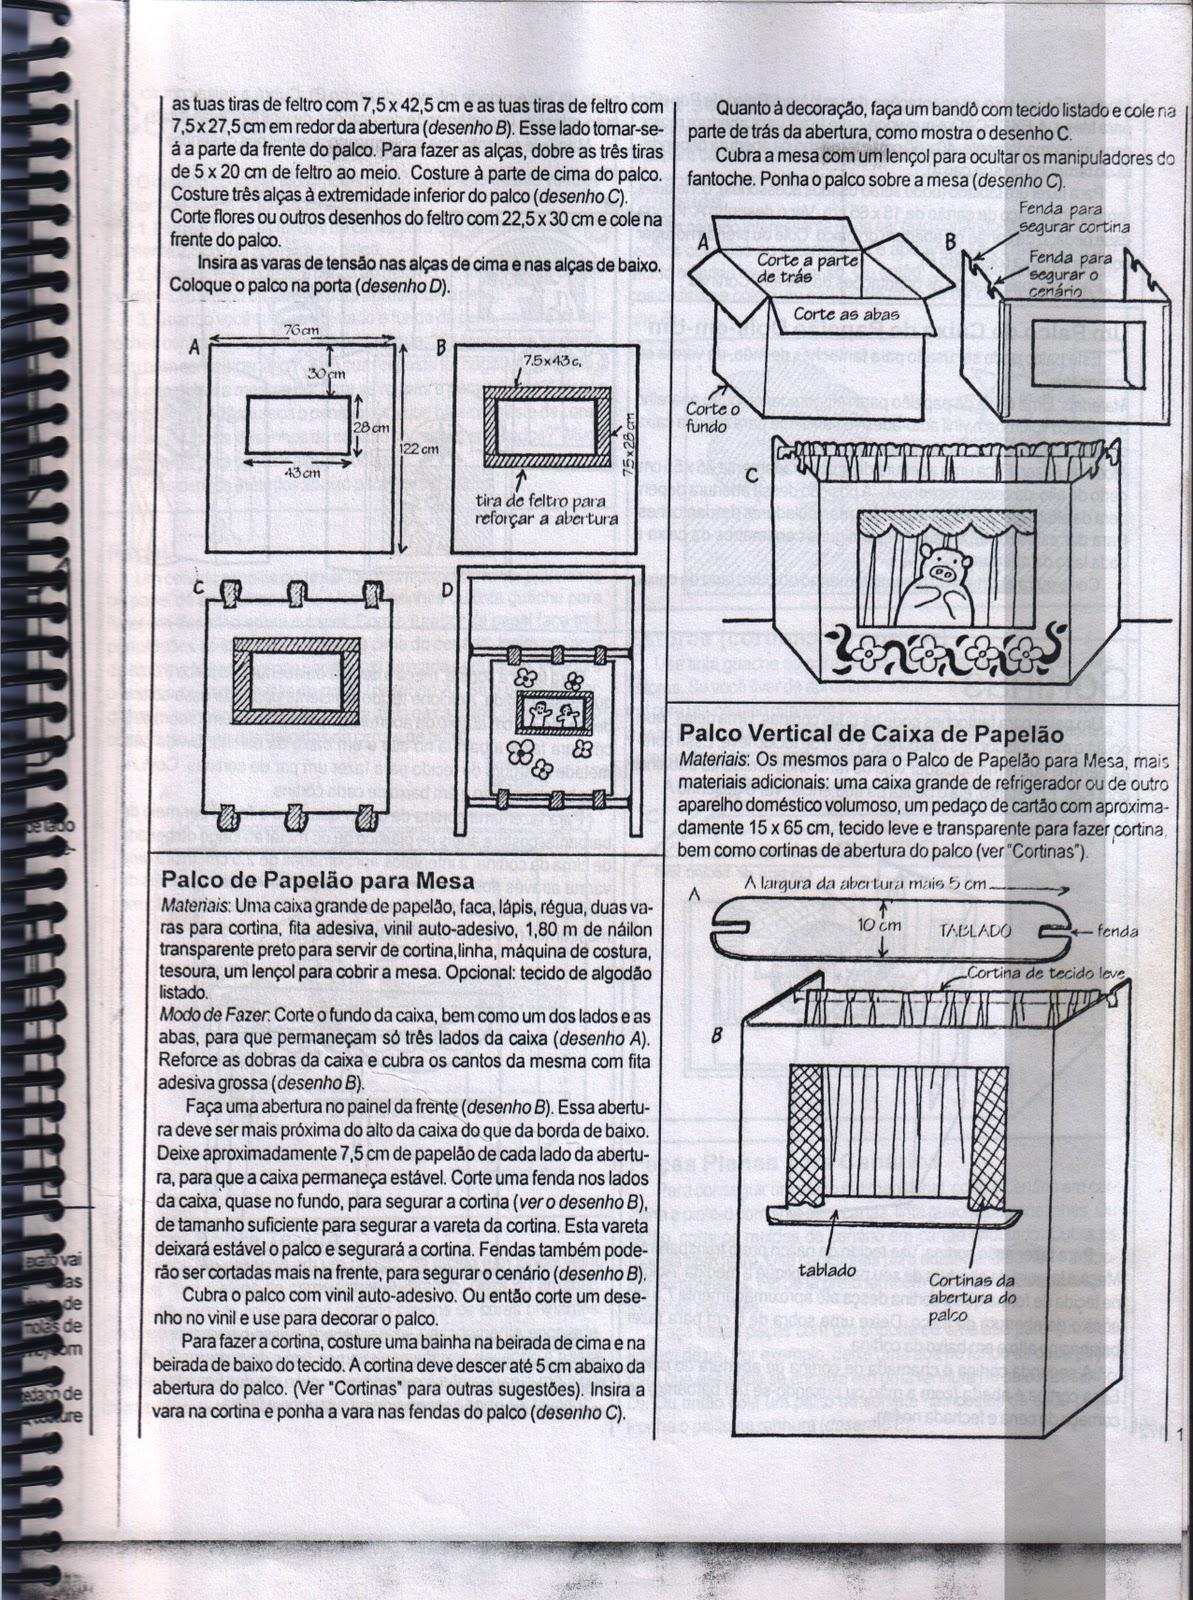 #26272F Montagem de Teatro de Fantoche com Sucatas 832 Manual De Montagem De Janela De Aluminio